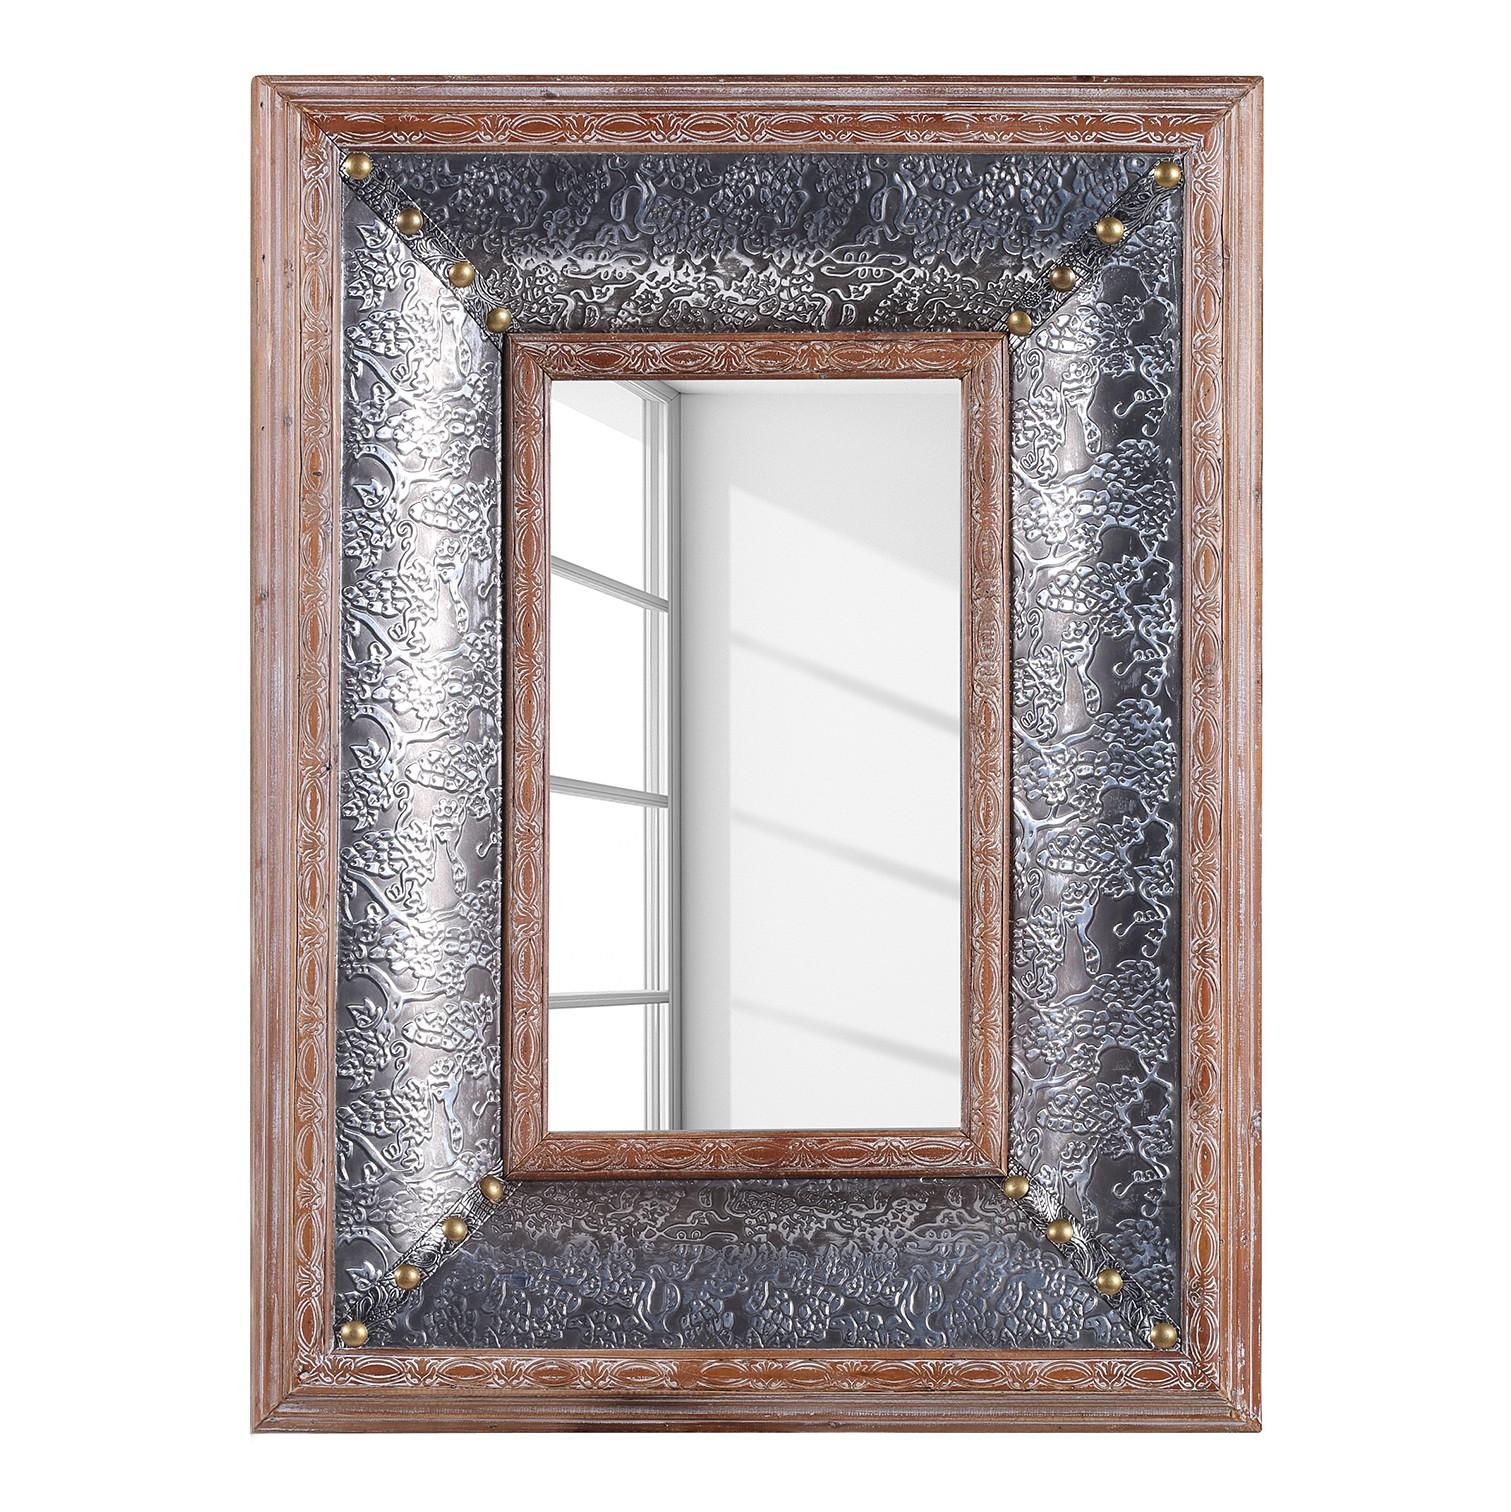 spiegel 80 x 60 cm preisvergleich die besten angebote. Black Bedroom Furniture Sets. Home Design Ideas